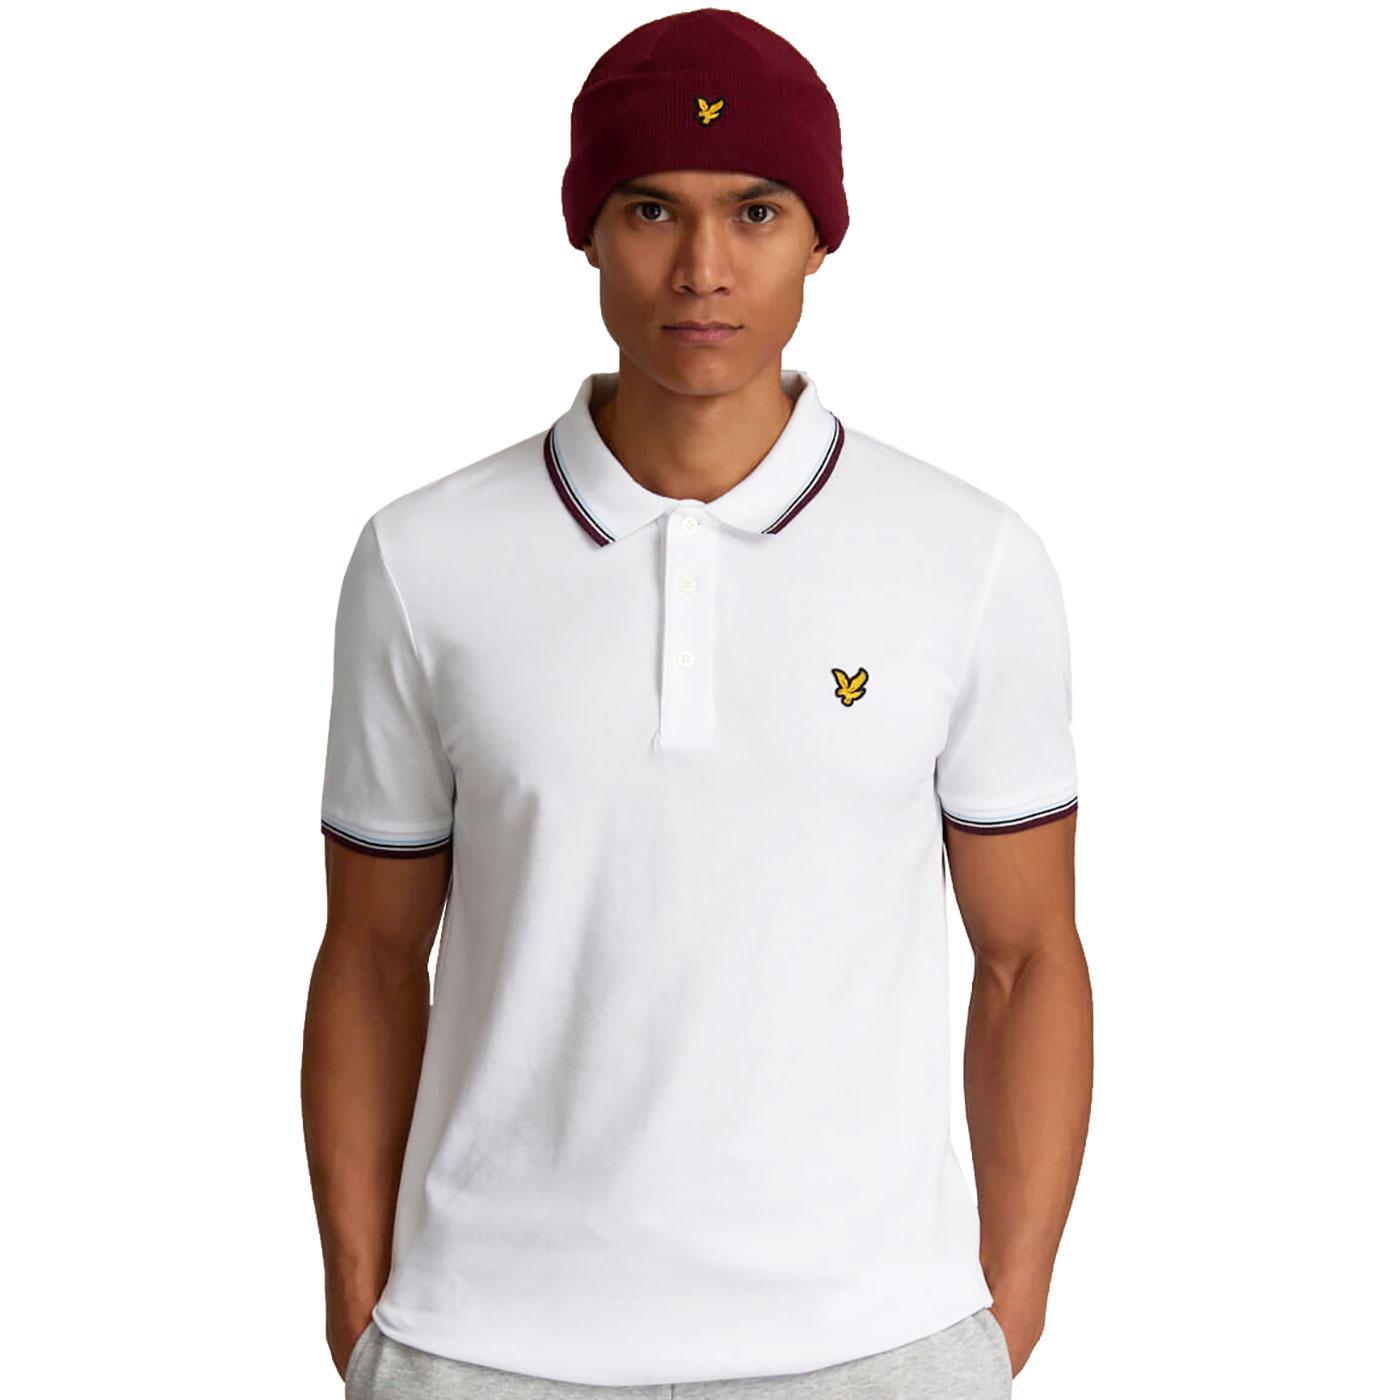 LYLE & SCOTT Men's Mod Tipped Pique Polo Shirt W/B